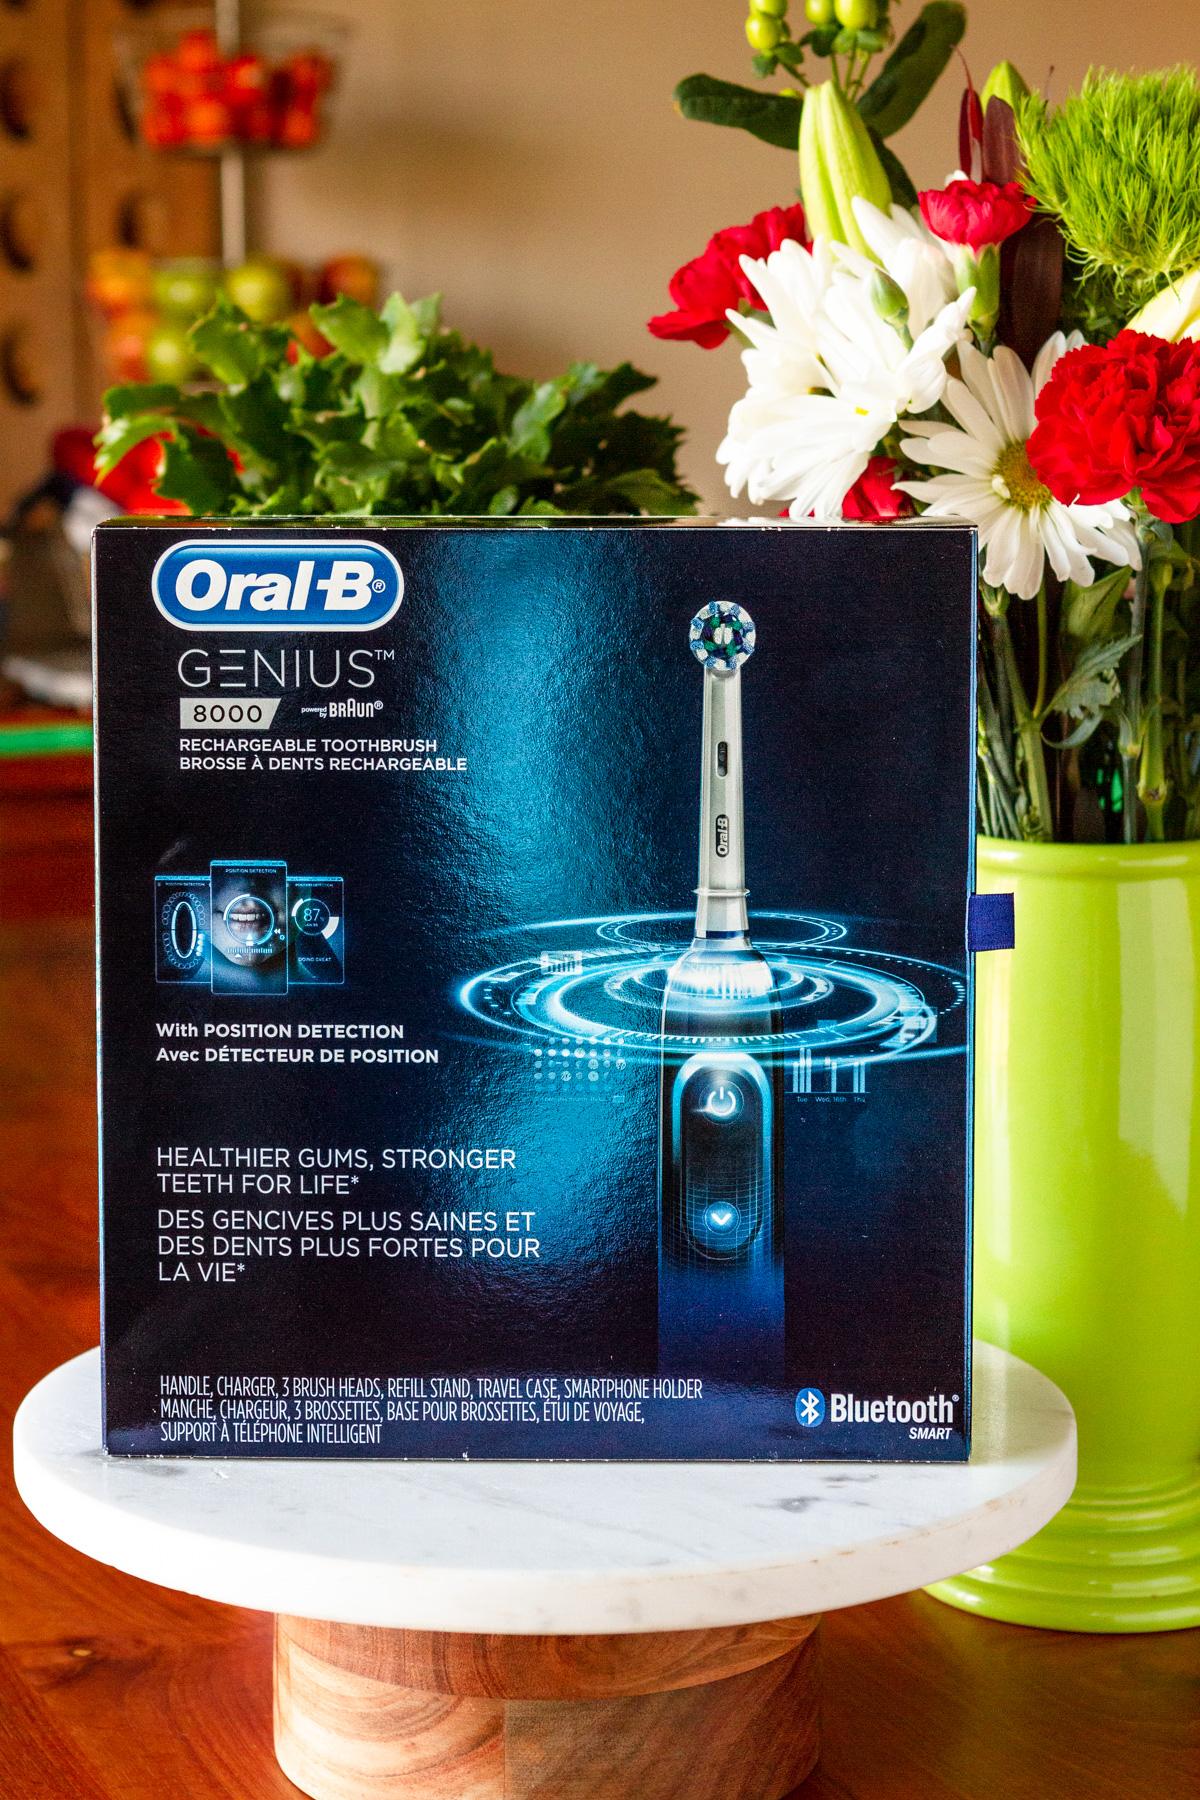 Oral-B Genius Pro 8000